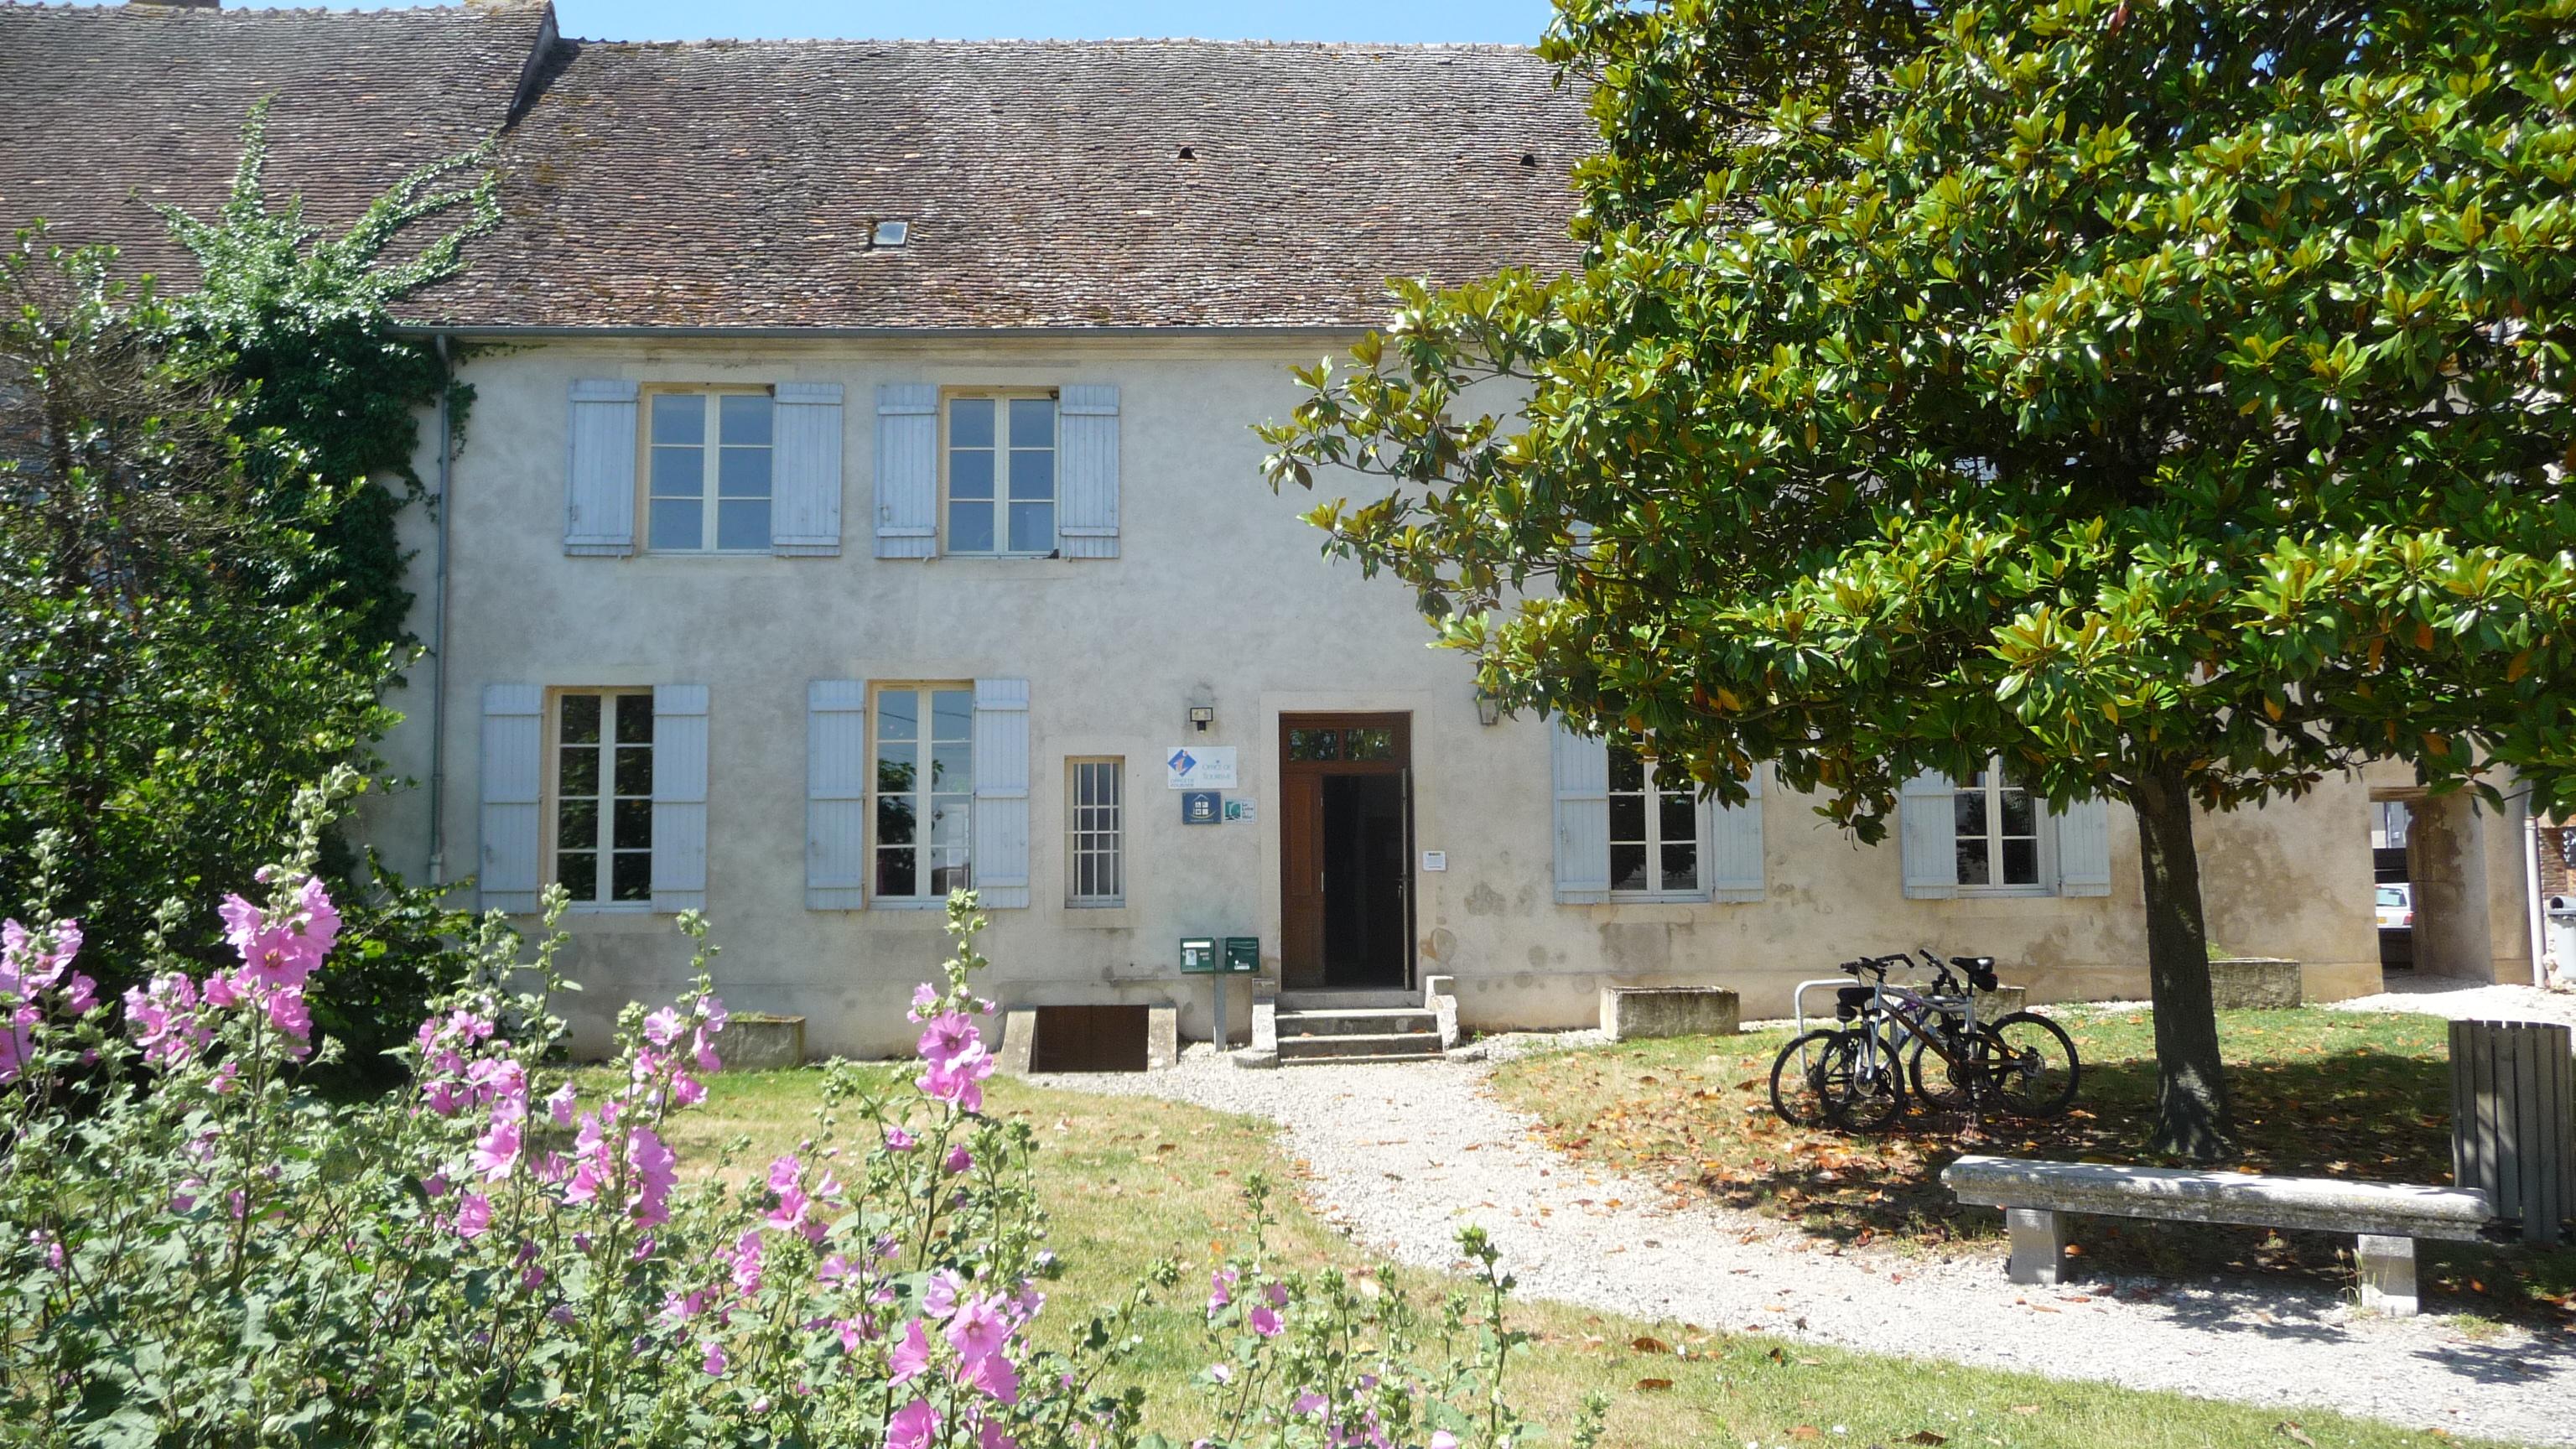 Bureau d'accueil de Beaulieu-sur-Loire